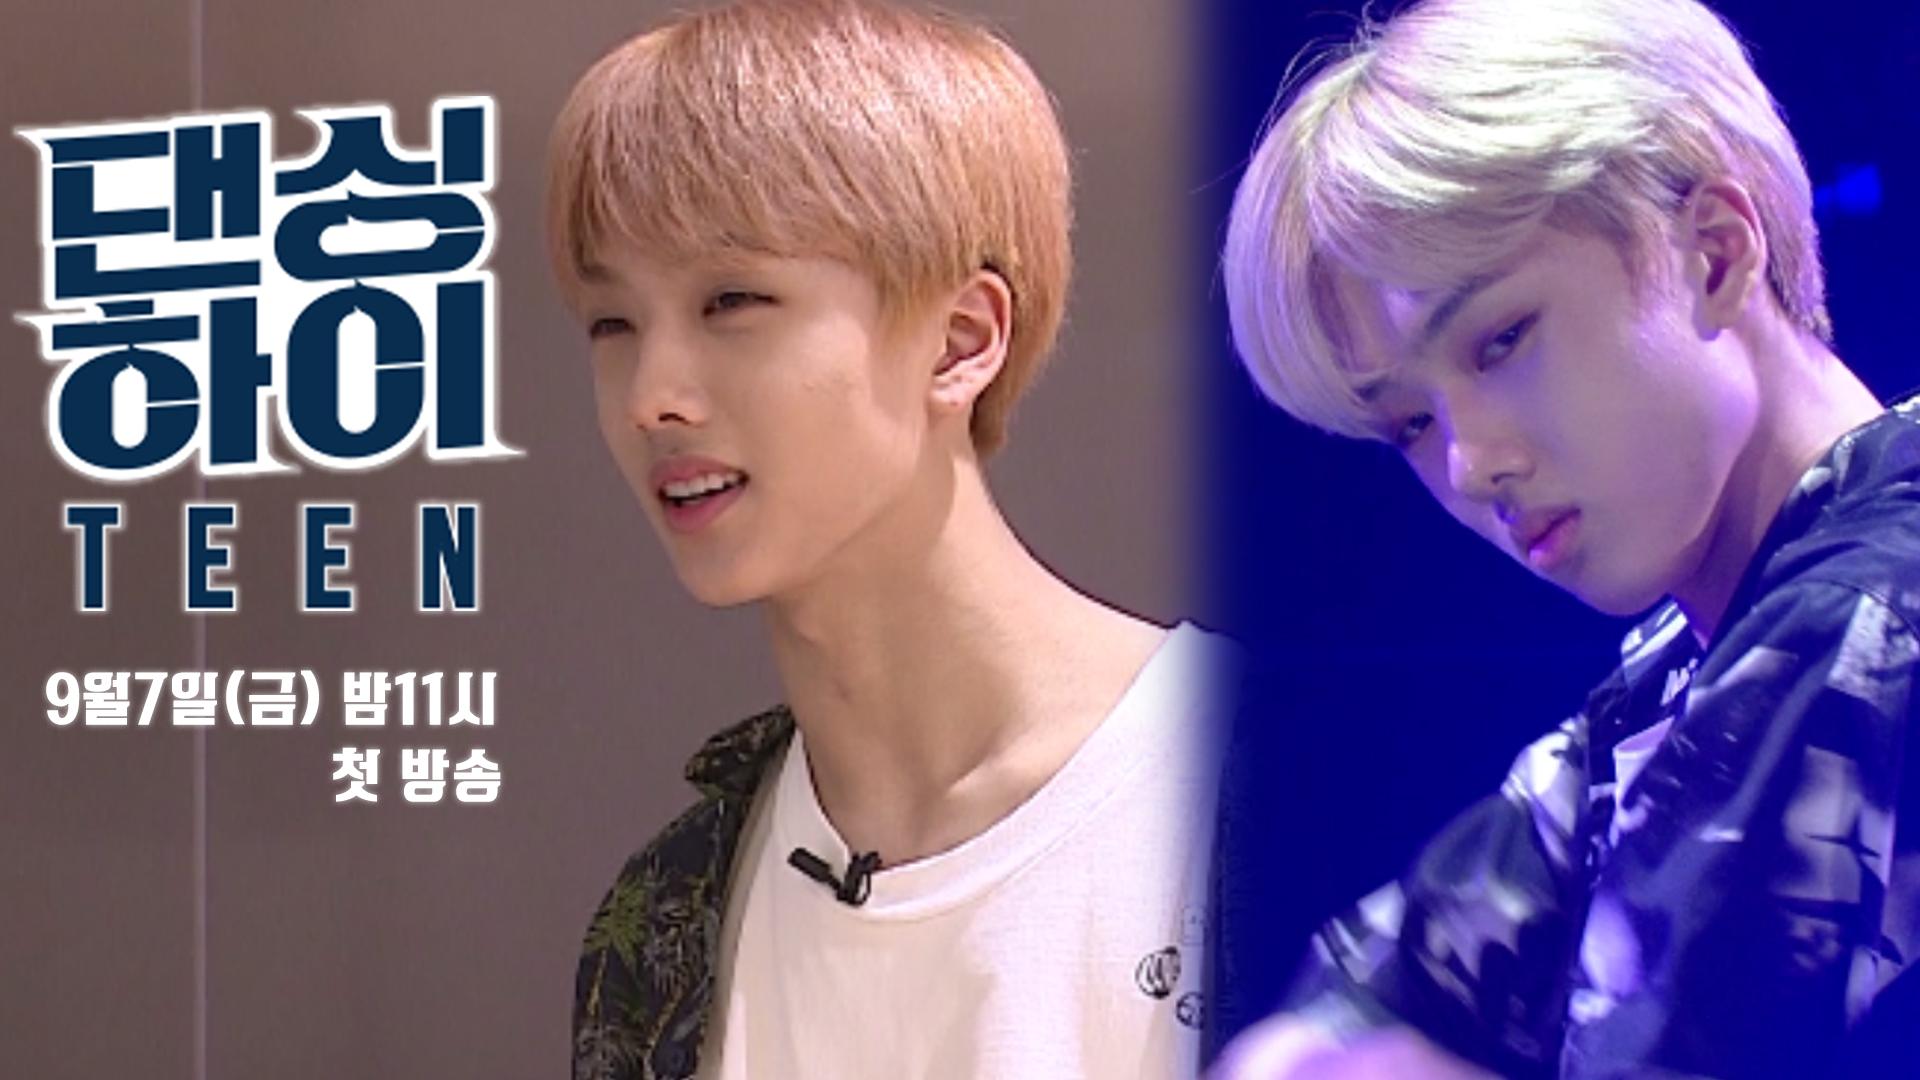 [댄싱하이 선공개] NCT 막내 지성, 형아들 특급 응원에 자신감 UP! 카리스마 반전 무대 영상 / [Dancinghigh Stage Preview] NCT JISUNG